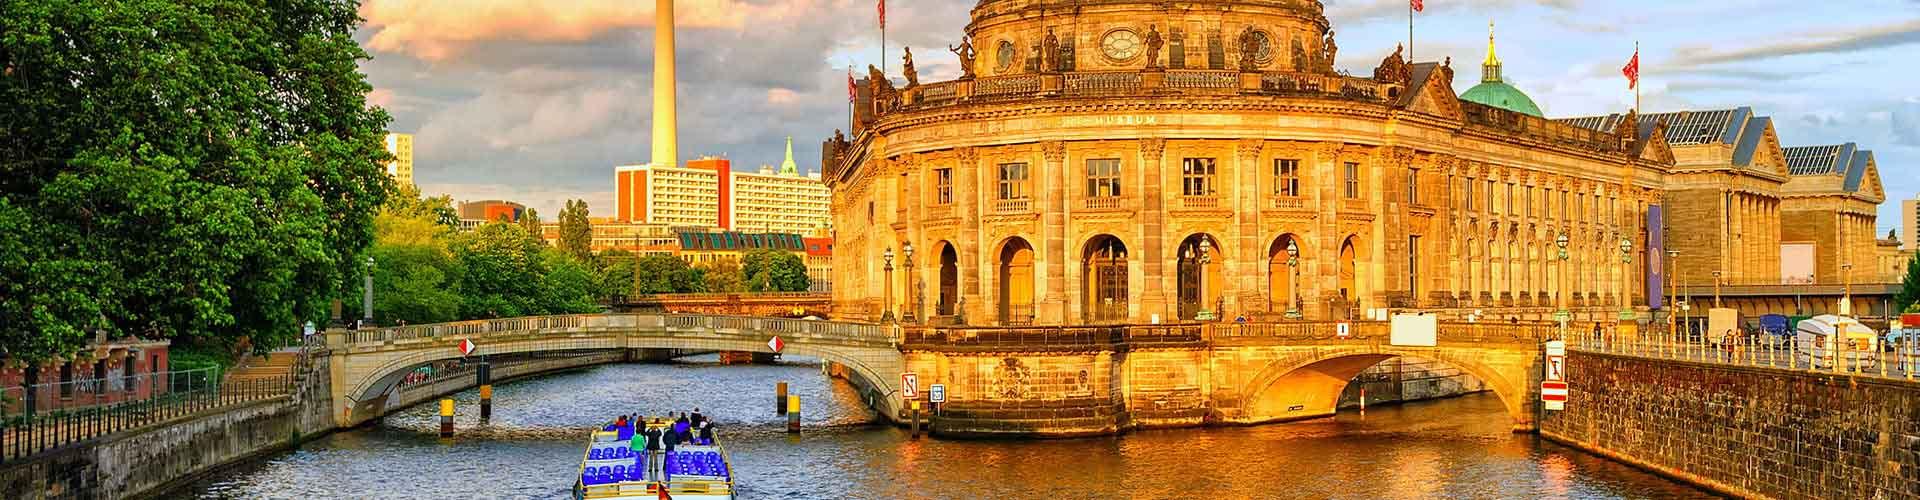 Berlín - Habitaciones en Berlín. Mapas de Berlín, Fotos y Comentarios para cada habitación en Berlín.